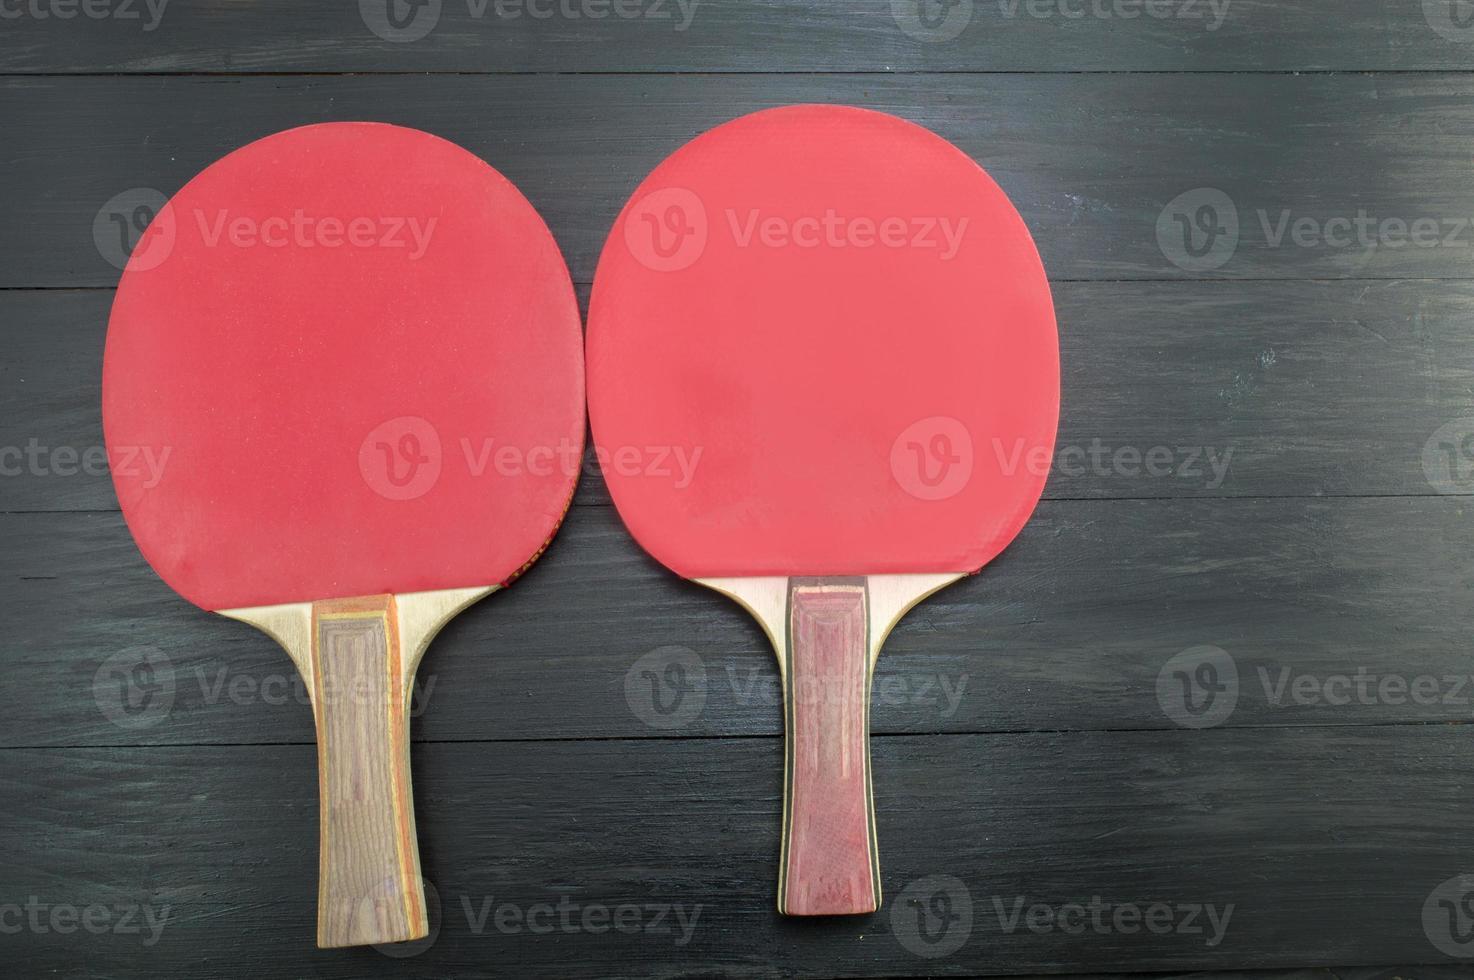 duas raquetes de tênis de mesa vermelhas em fundo escuro foto